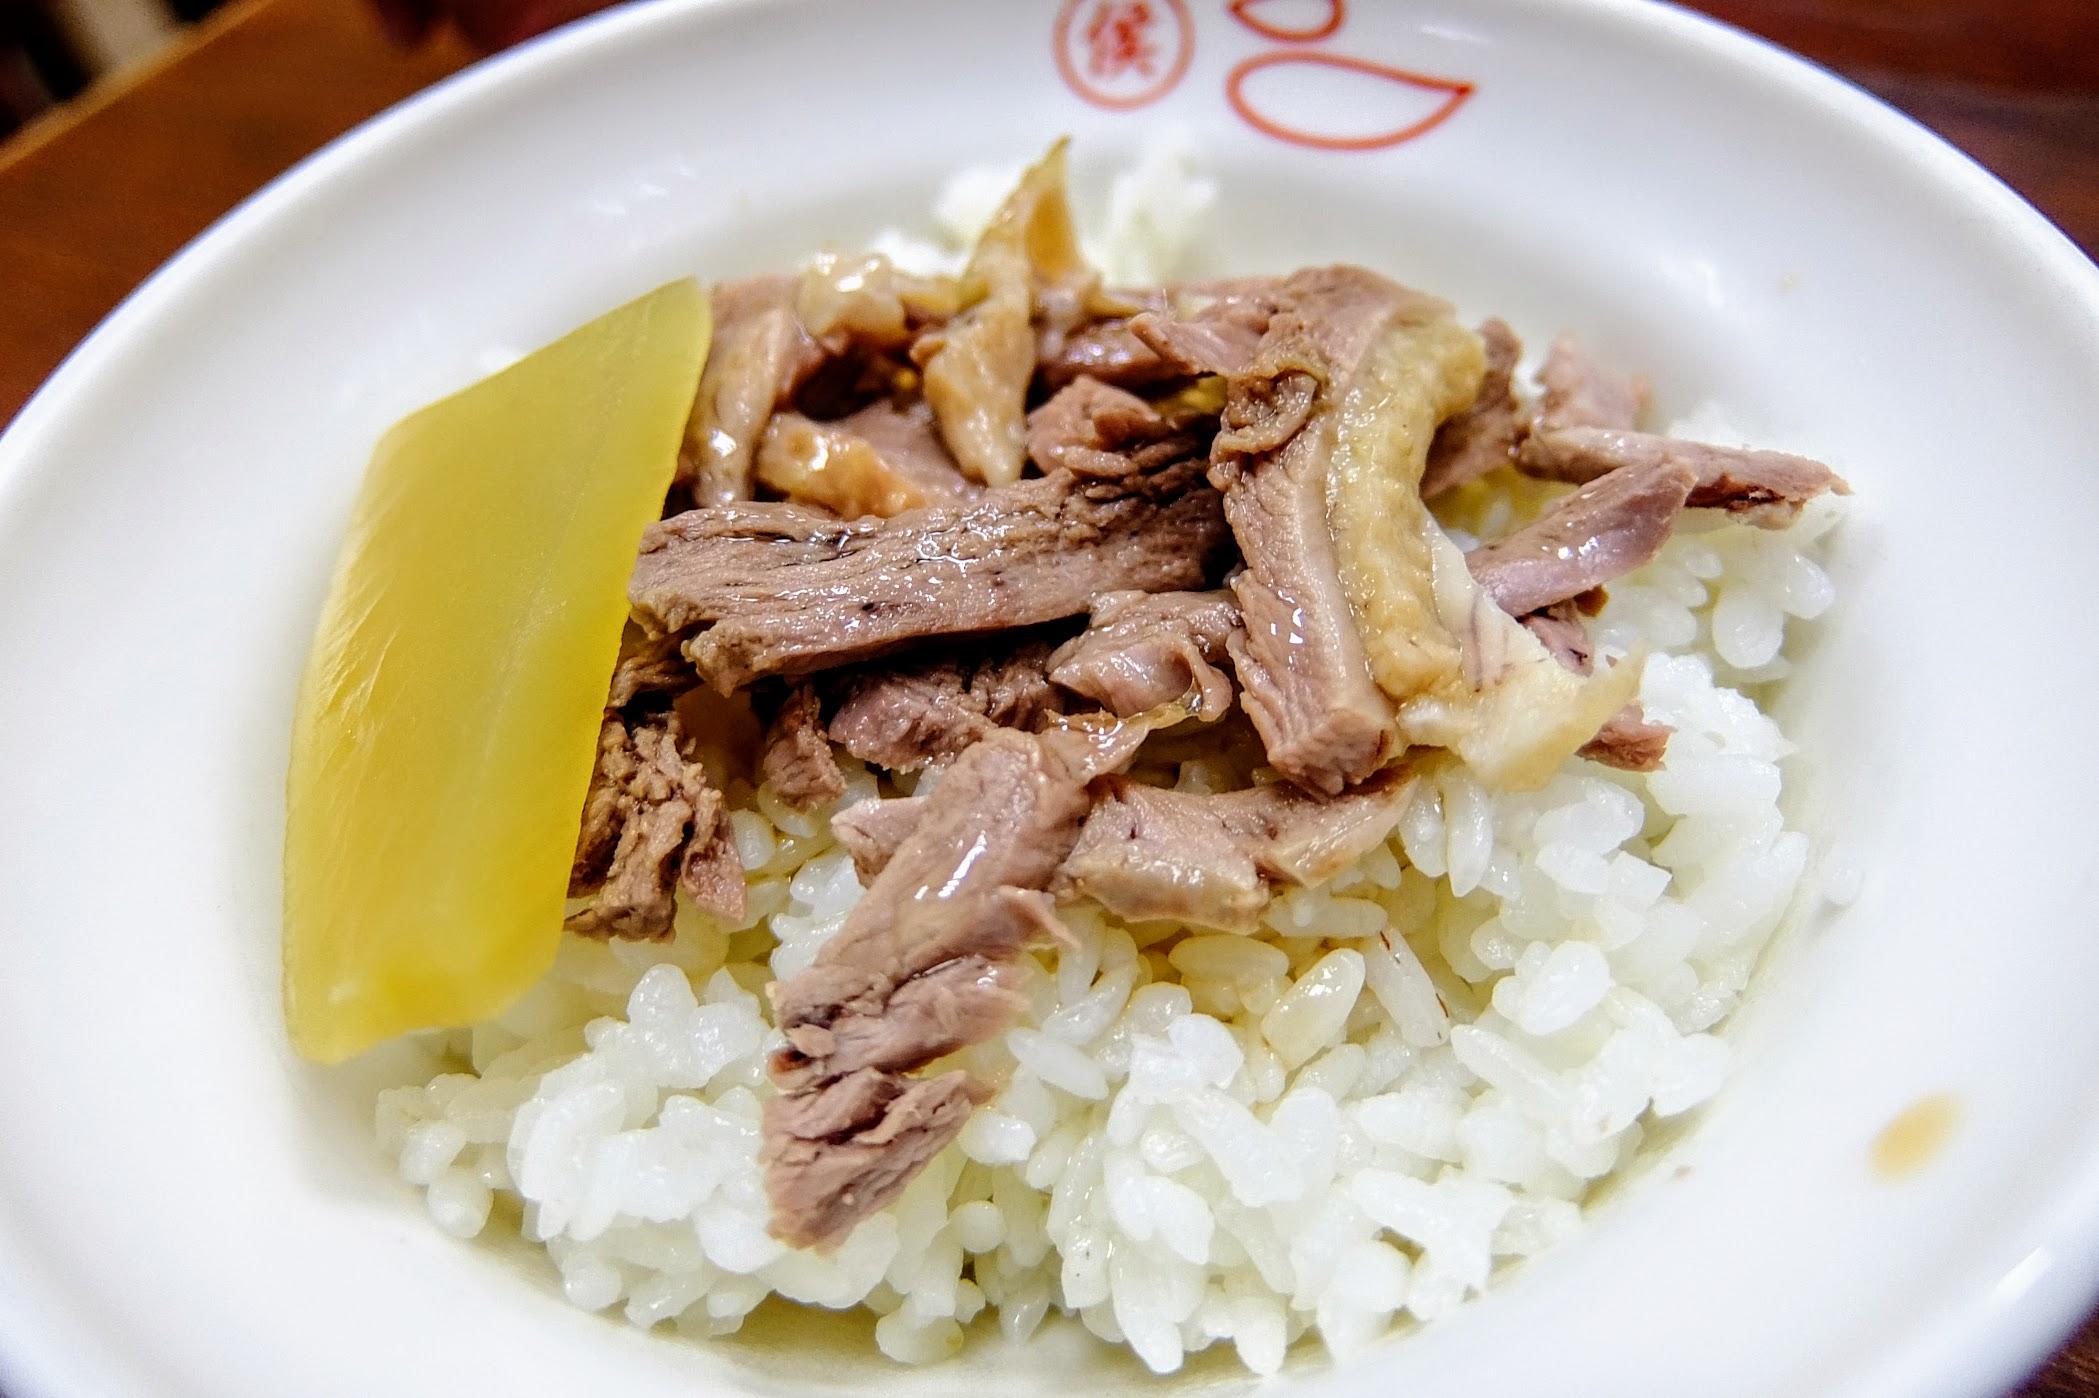 鴨肉飯,上面的鴨肉是帶皮帶肉的,鴨肉份量不多,湯汁則是給得多,略帶點鹹味